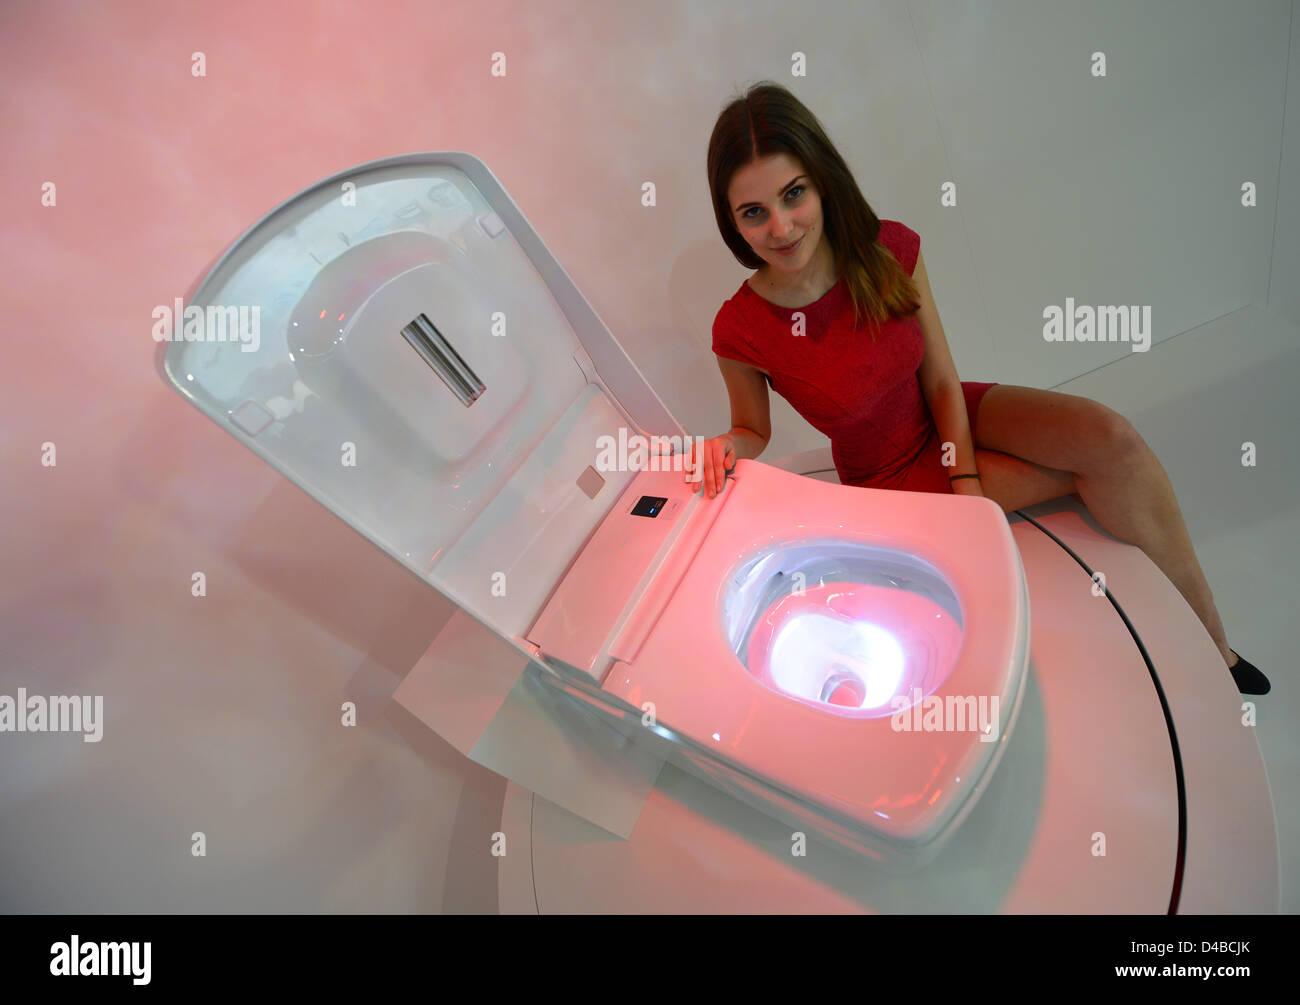 Toto Washlet Stock Photos & Toto Washlet Stock Images - Alamy